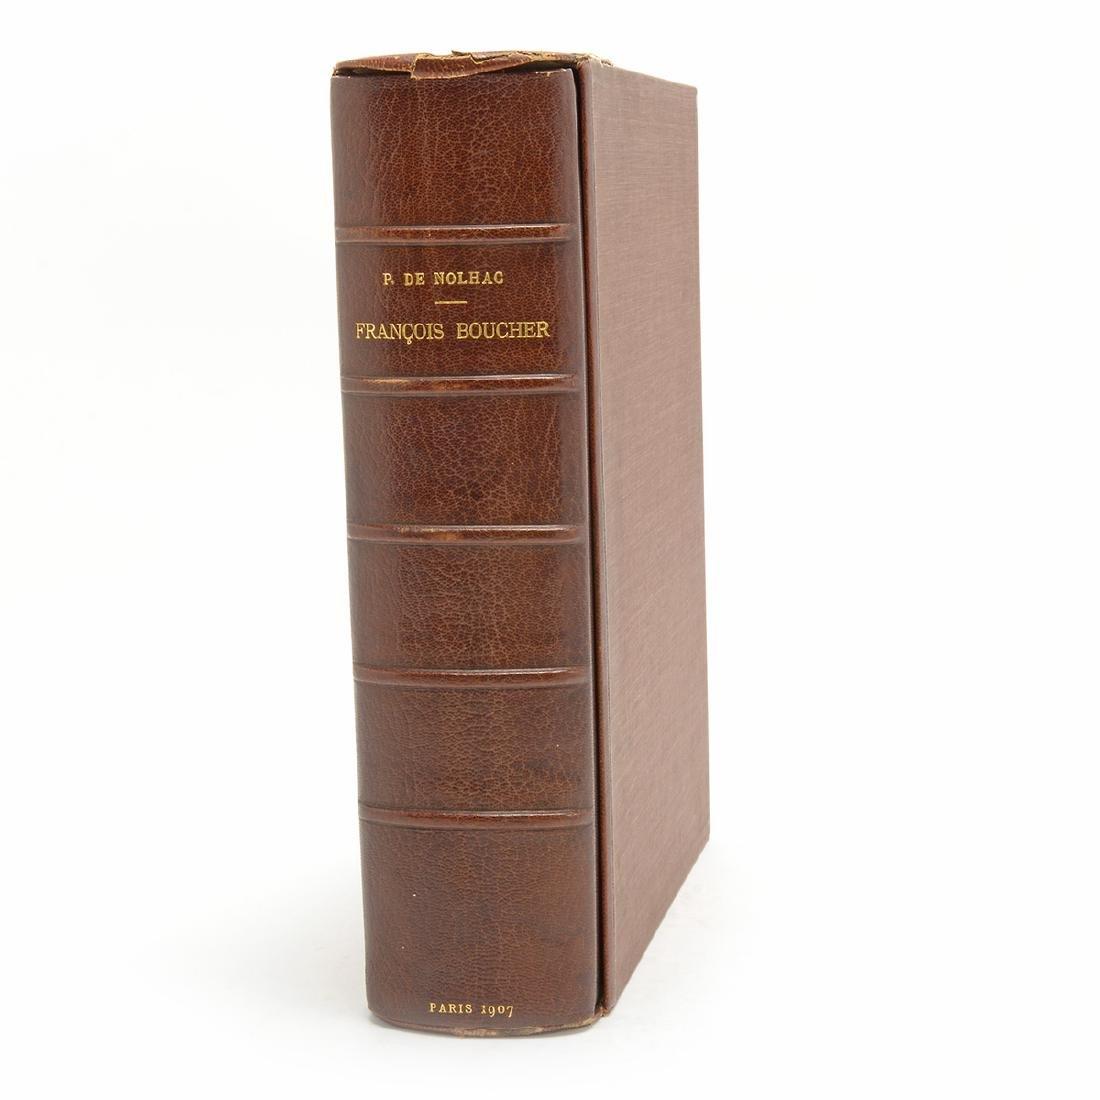 Francois Boucher Catalogue Raisonné in Intaglio Prints